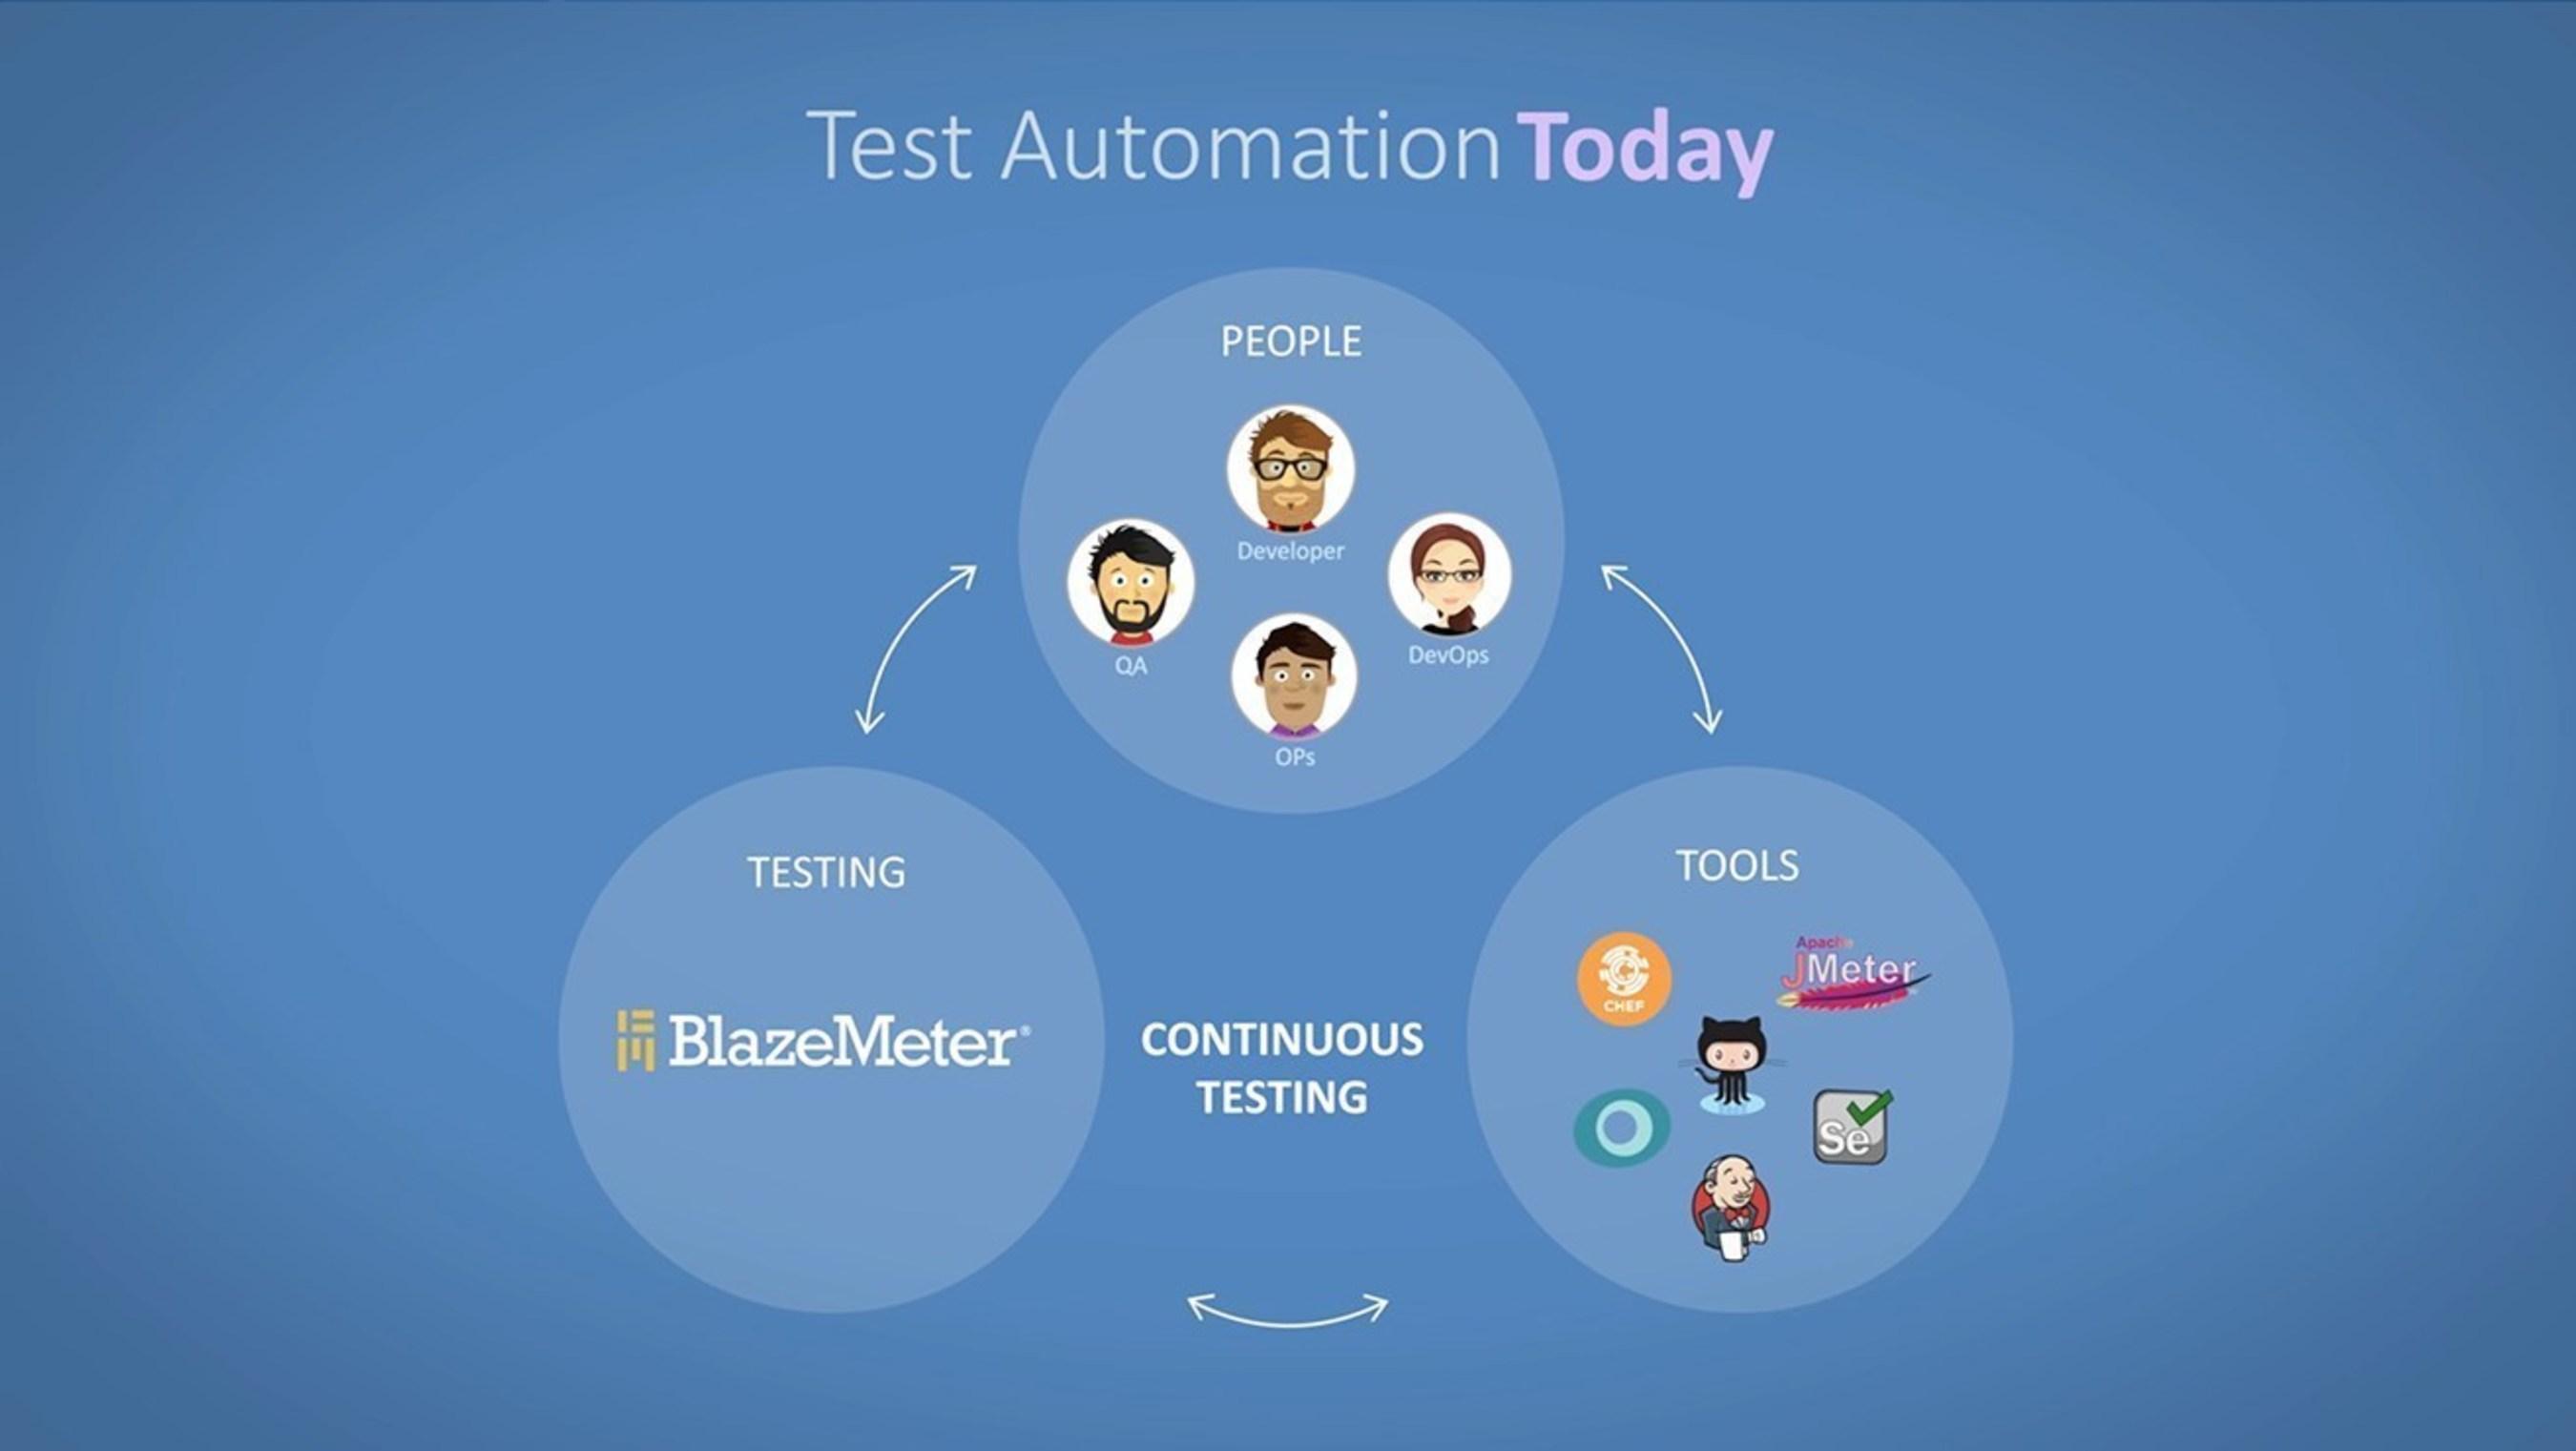 BlazeMeter Test Automation Platform for DevOps